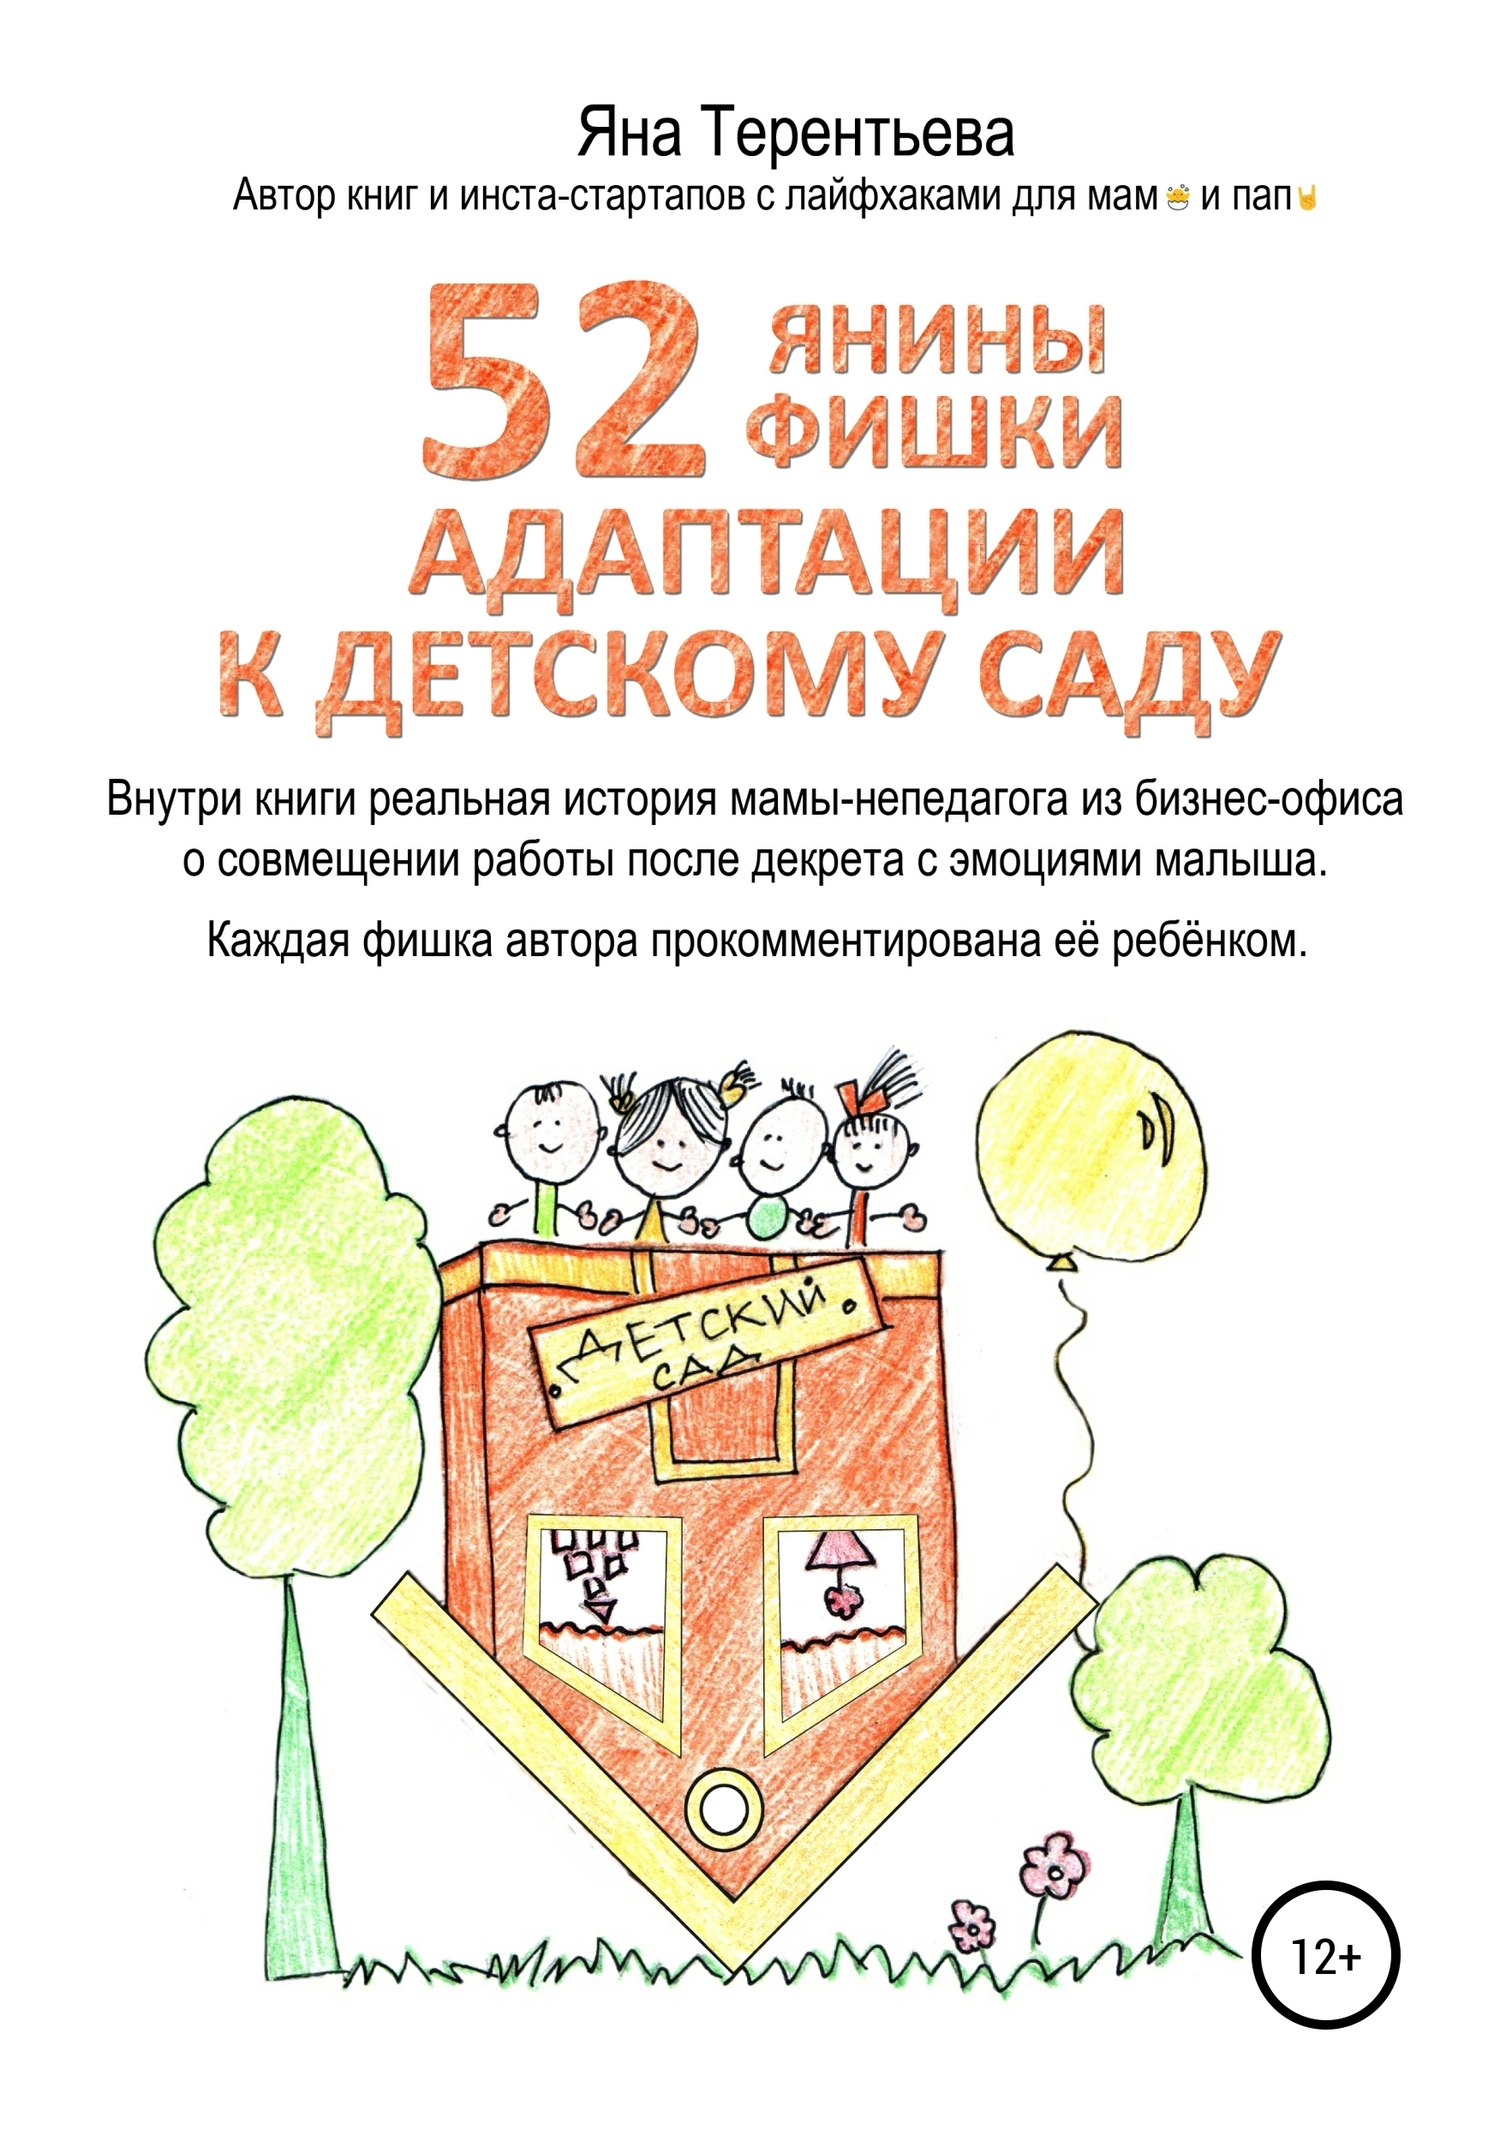 Яна Терентьева - 52 янины фишки адаптации к детскому саду